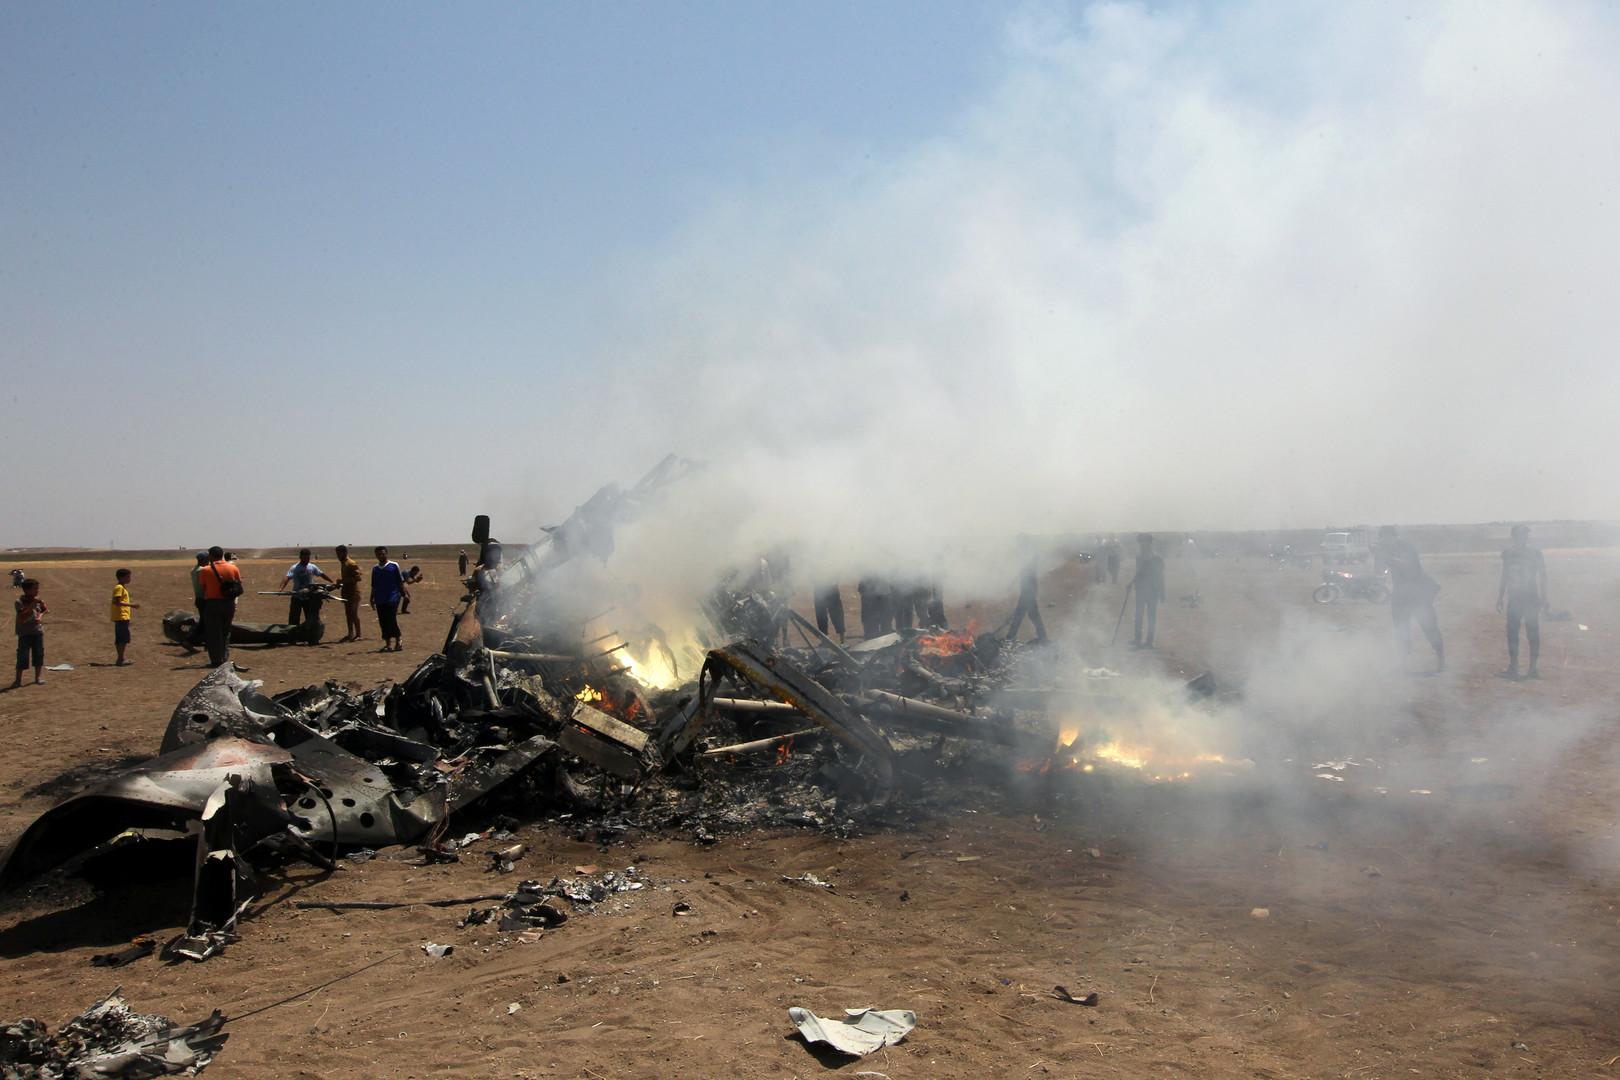 Russischer Hubschrauber bei humanitärer Mission über Syrien abgeschossen - Insassen tot [Video]